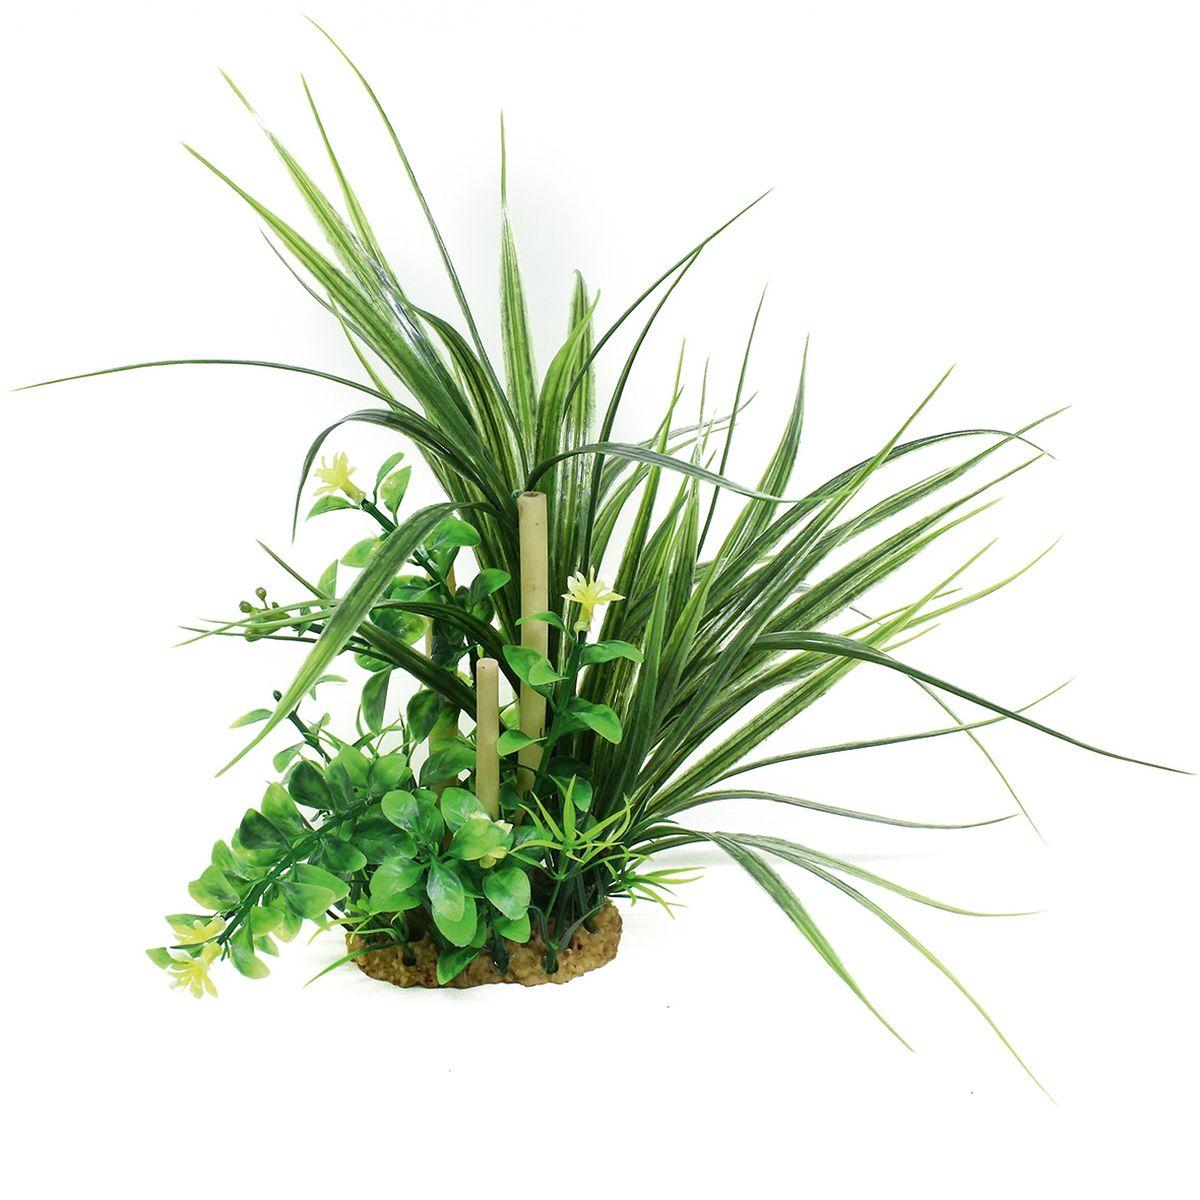 Композиция из растений для аквариума ArtUniq Офиопогон с бамбуком, высота 20 смART-1160509Композиция из растений для аквариума ArtUniq Офиопогон с бамбуком, высота 20 см